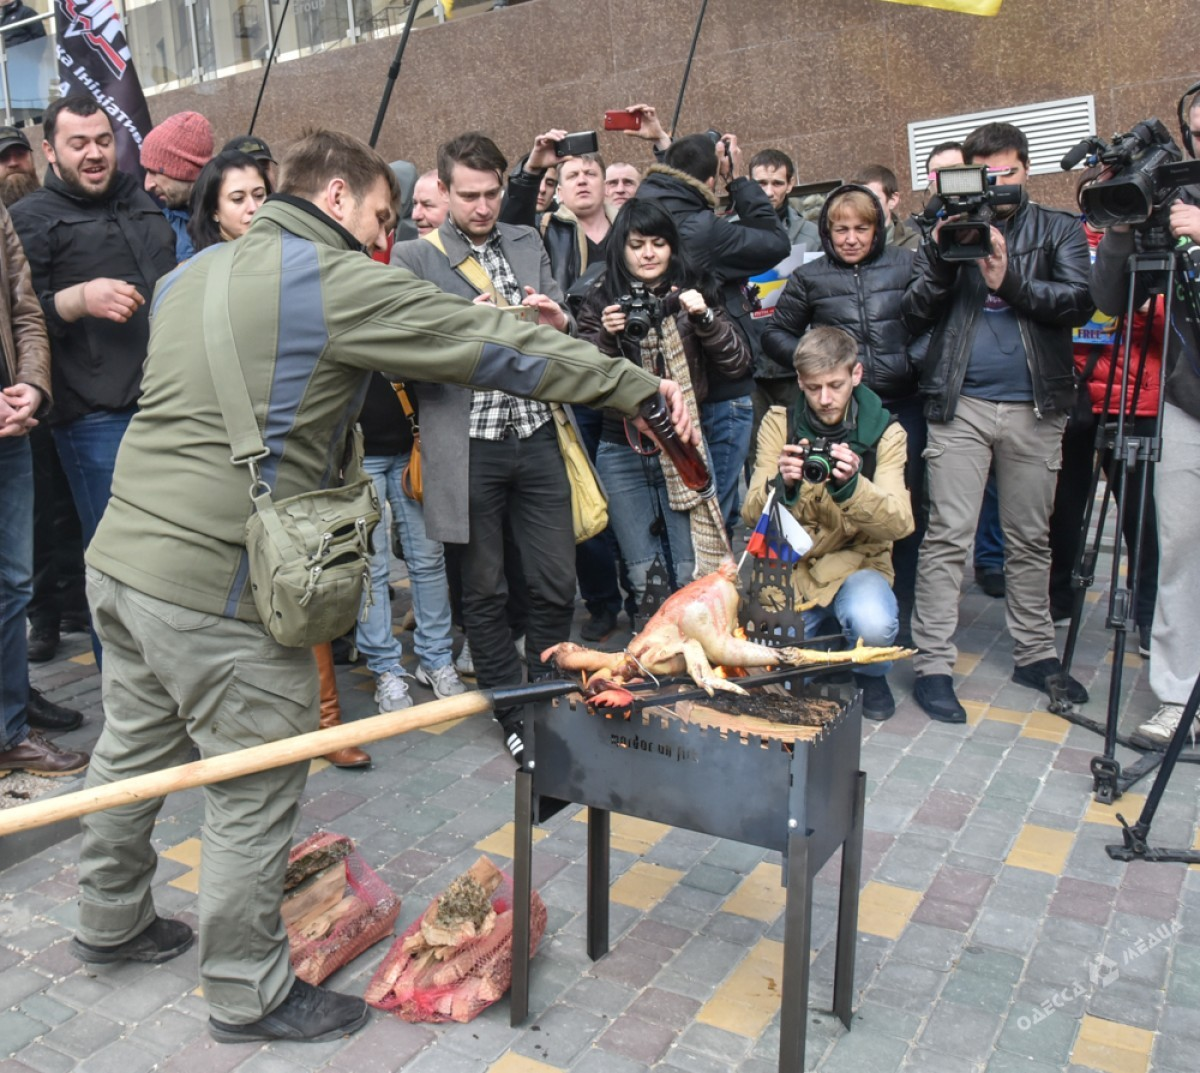 Это Украина! ВОдессе активисты под посольствомРФ «зажарили» двуглавого орла противника